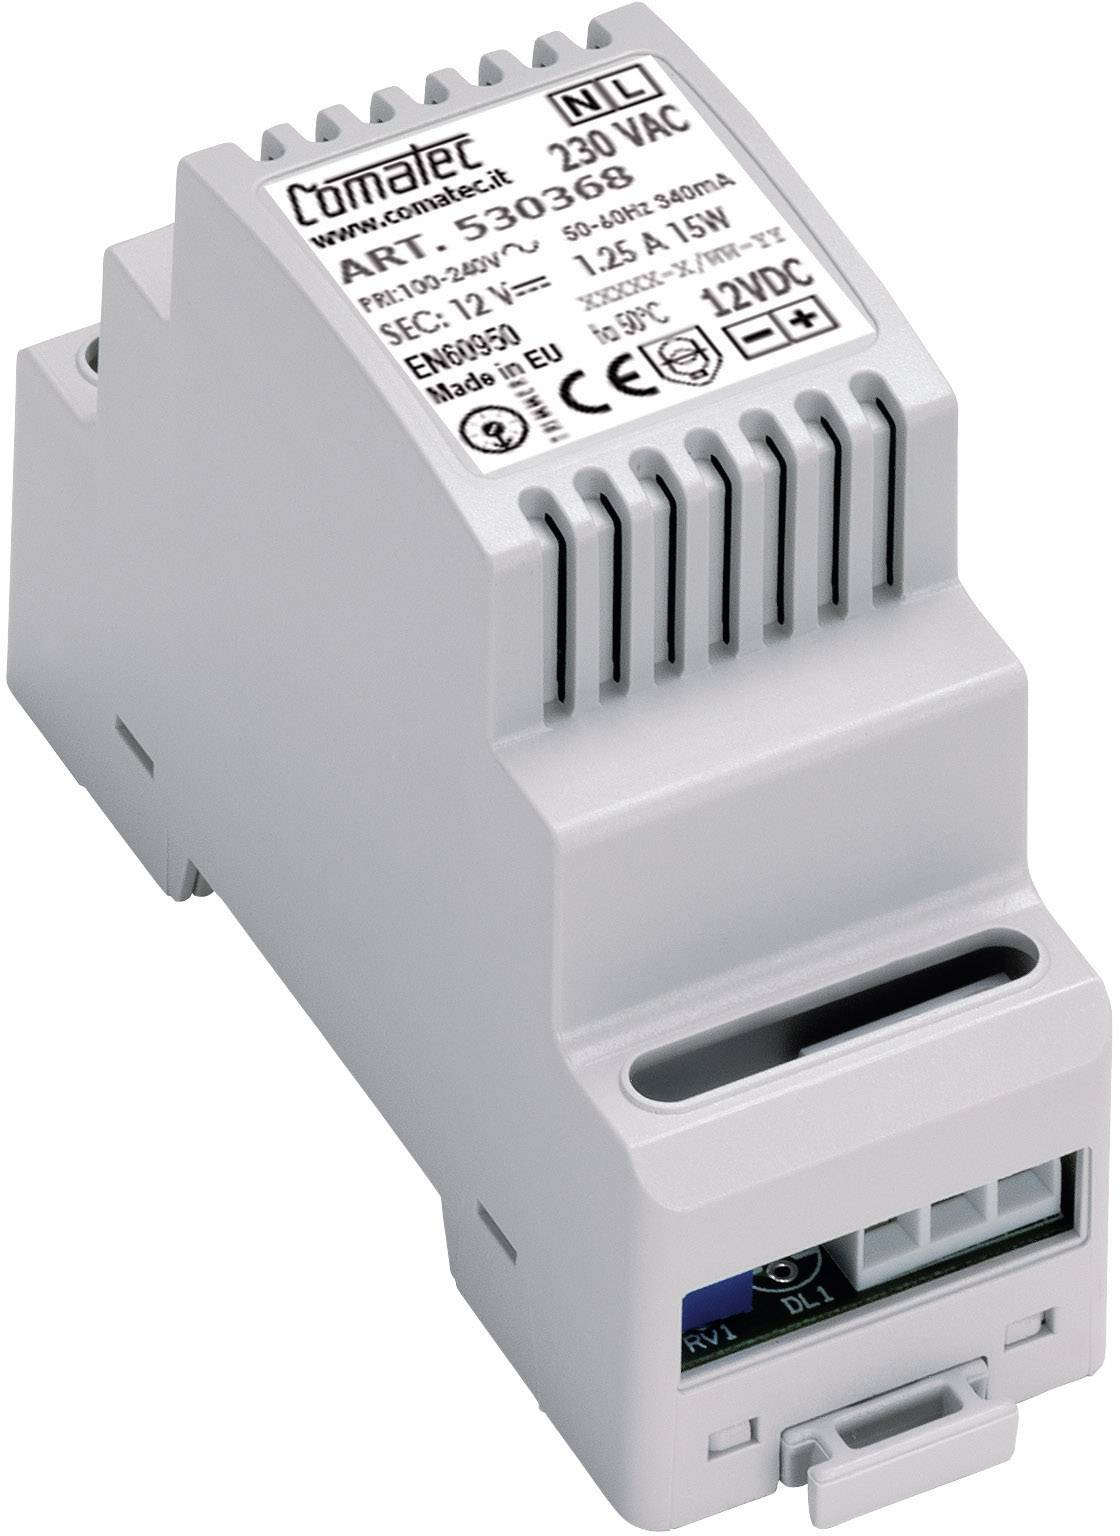 Napájecí zdroj na DIN lištu Comatec, 12 - 14 V/DC, 30 W, 100 - 240 V